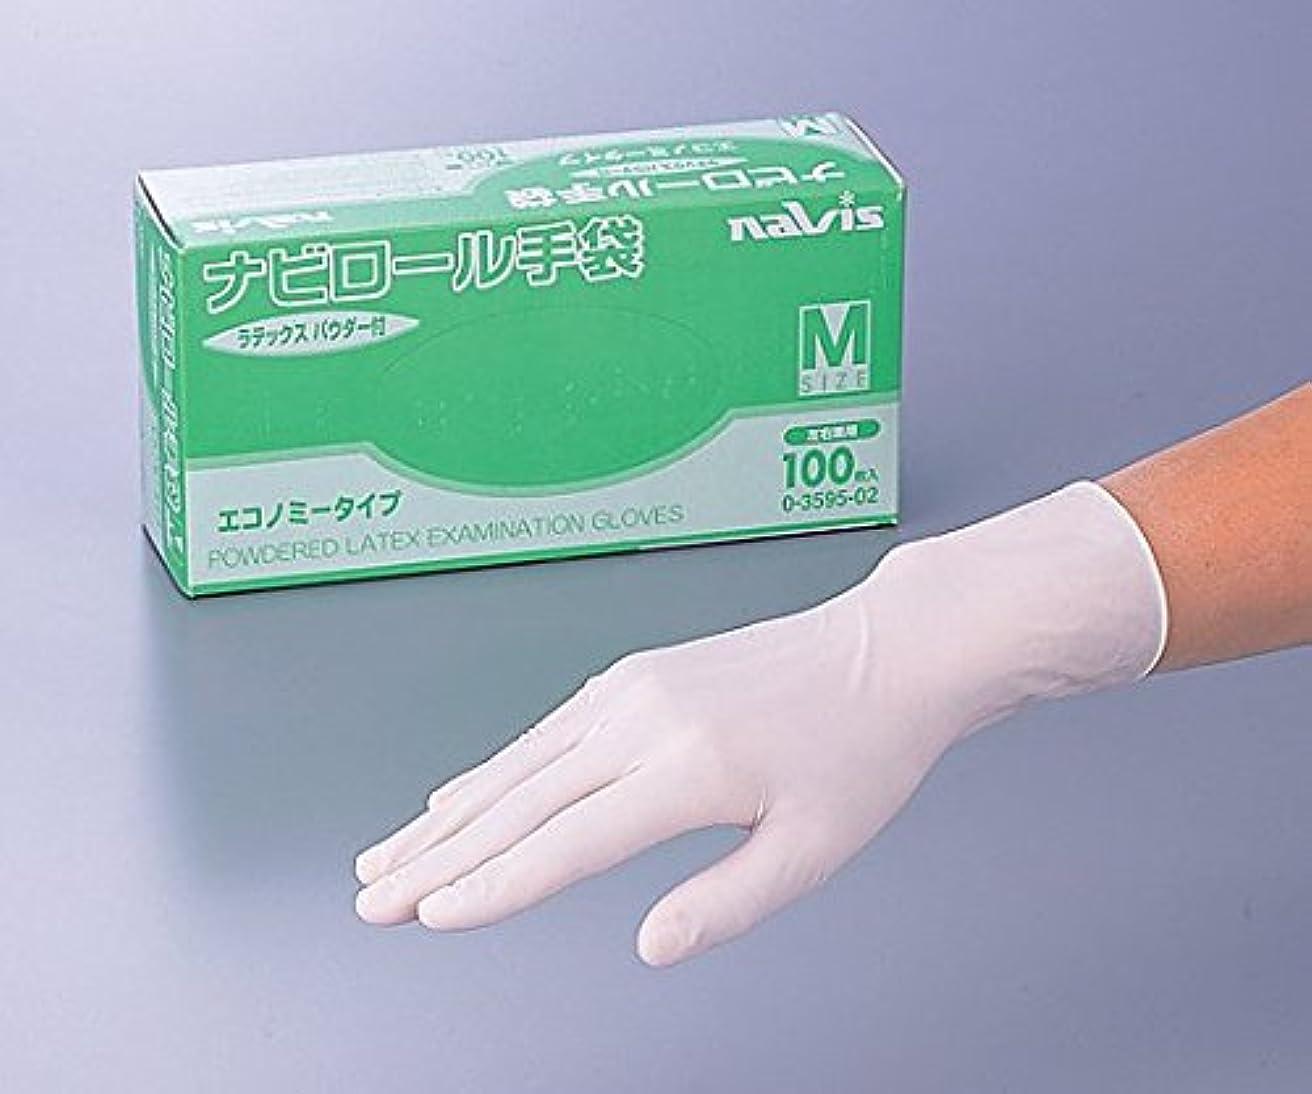 かみそりショッキングアウトドアアズワン0-3595-02ナビロール手袋(エコノミータイプ?パウダー付)M100枚入